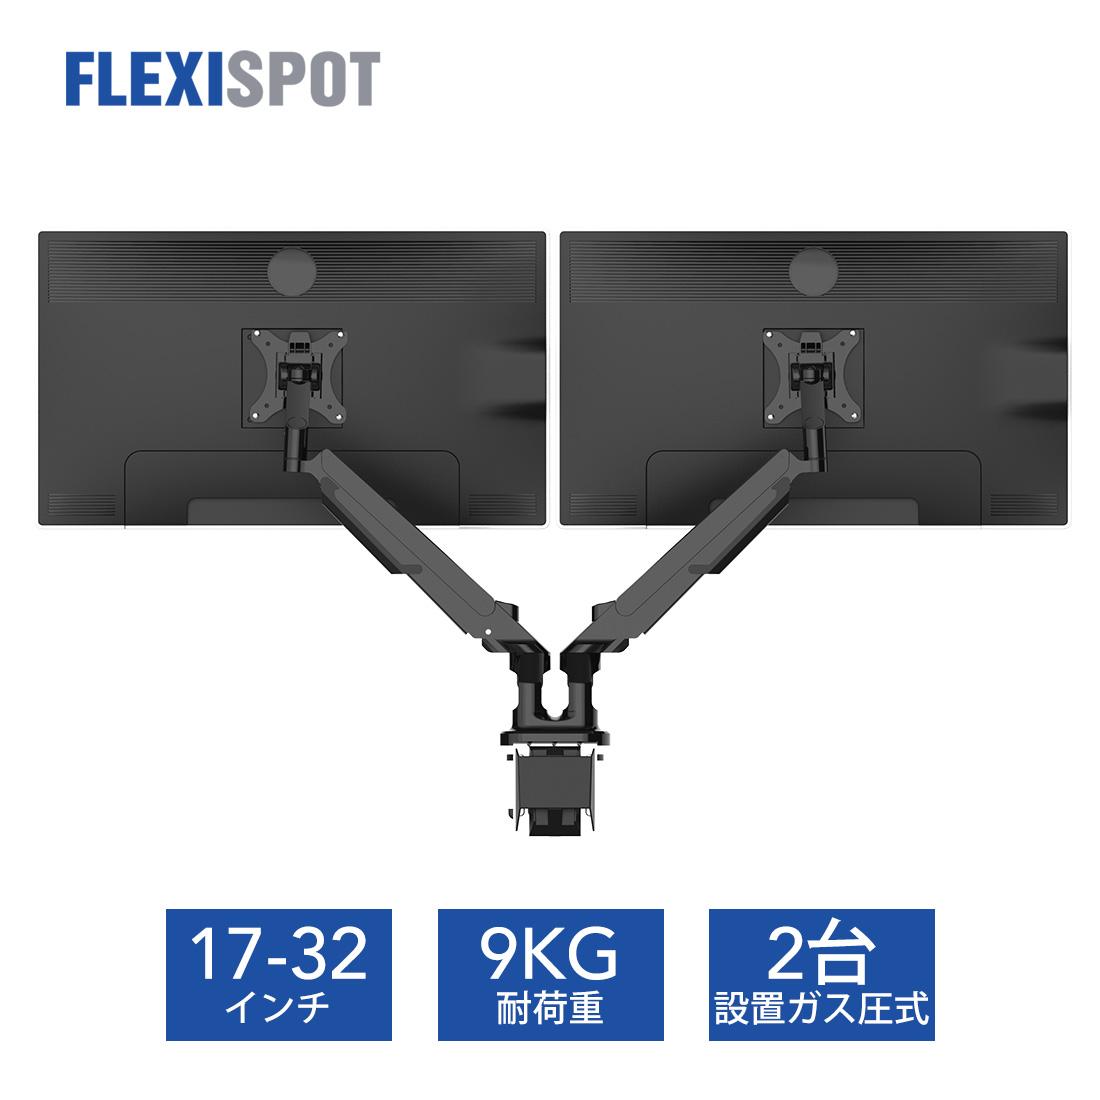 Flexispot モニターアーム デュアルモニターアーム ディスプレイアーム 2画面 大型モニター向け ガス圧式 液晶モニターアーム ガススプリング式 360°回転17-32インチ 2-9kg対応 狭い天板向け F8LD